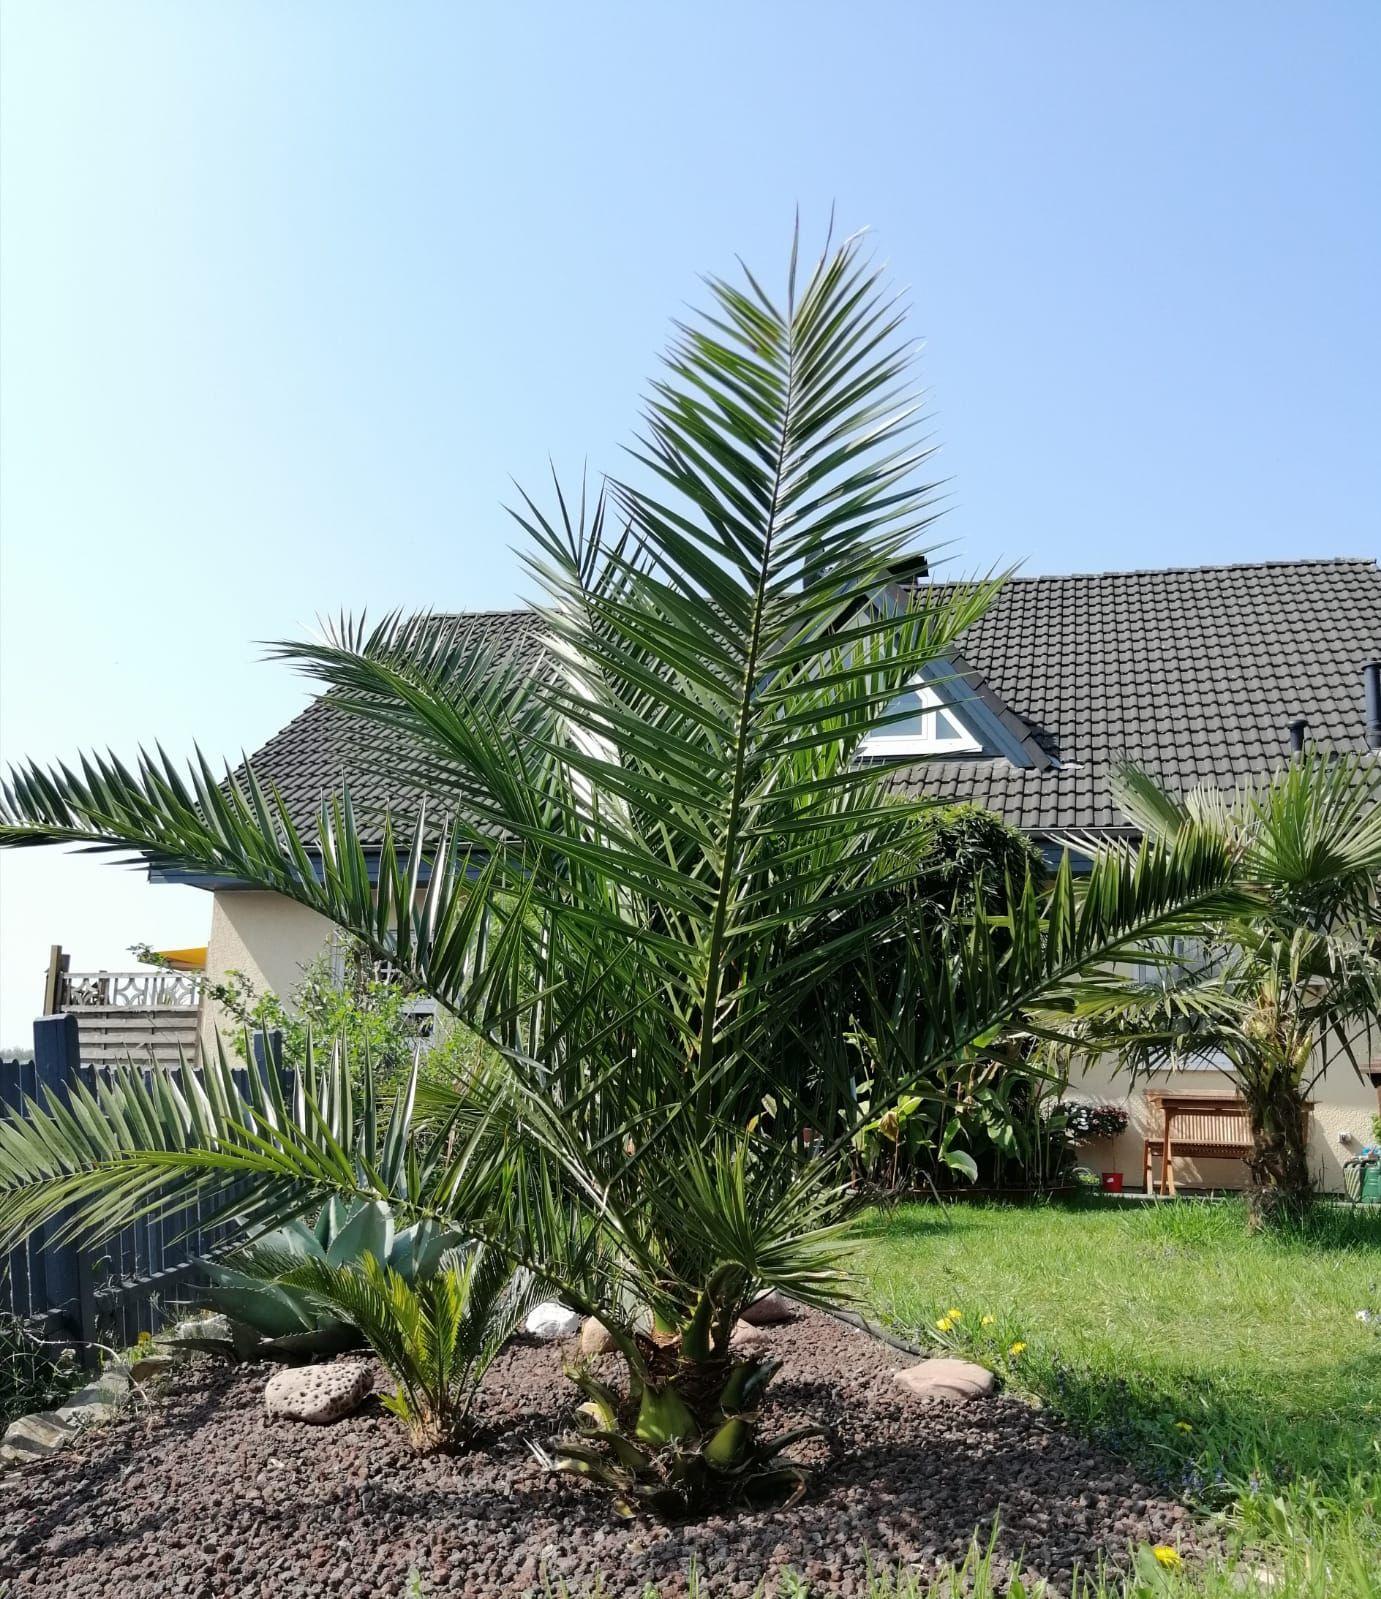 Phoenix Canariensis Ausgepflanzt In Deutschland In 2020 Palmenarten Palmen Garten Pflanzen